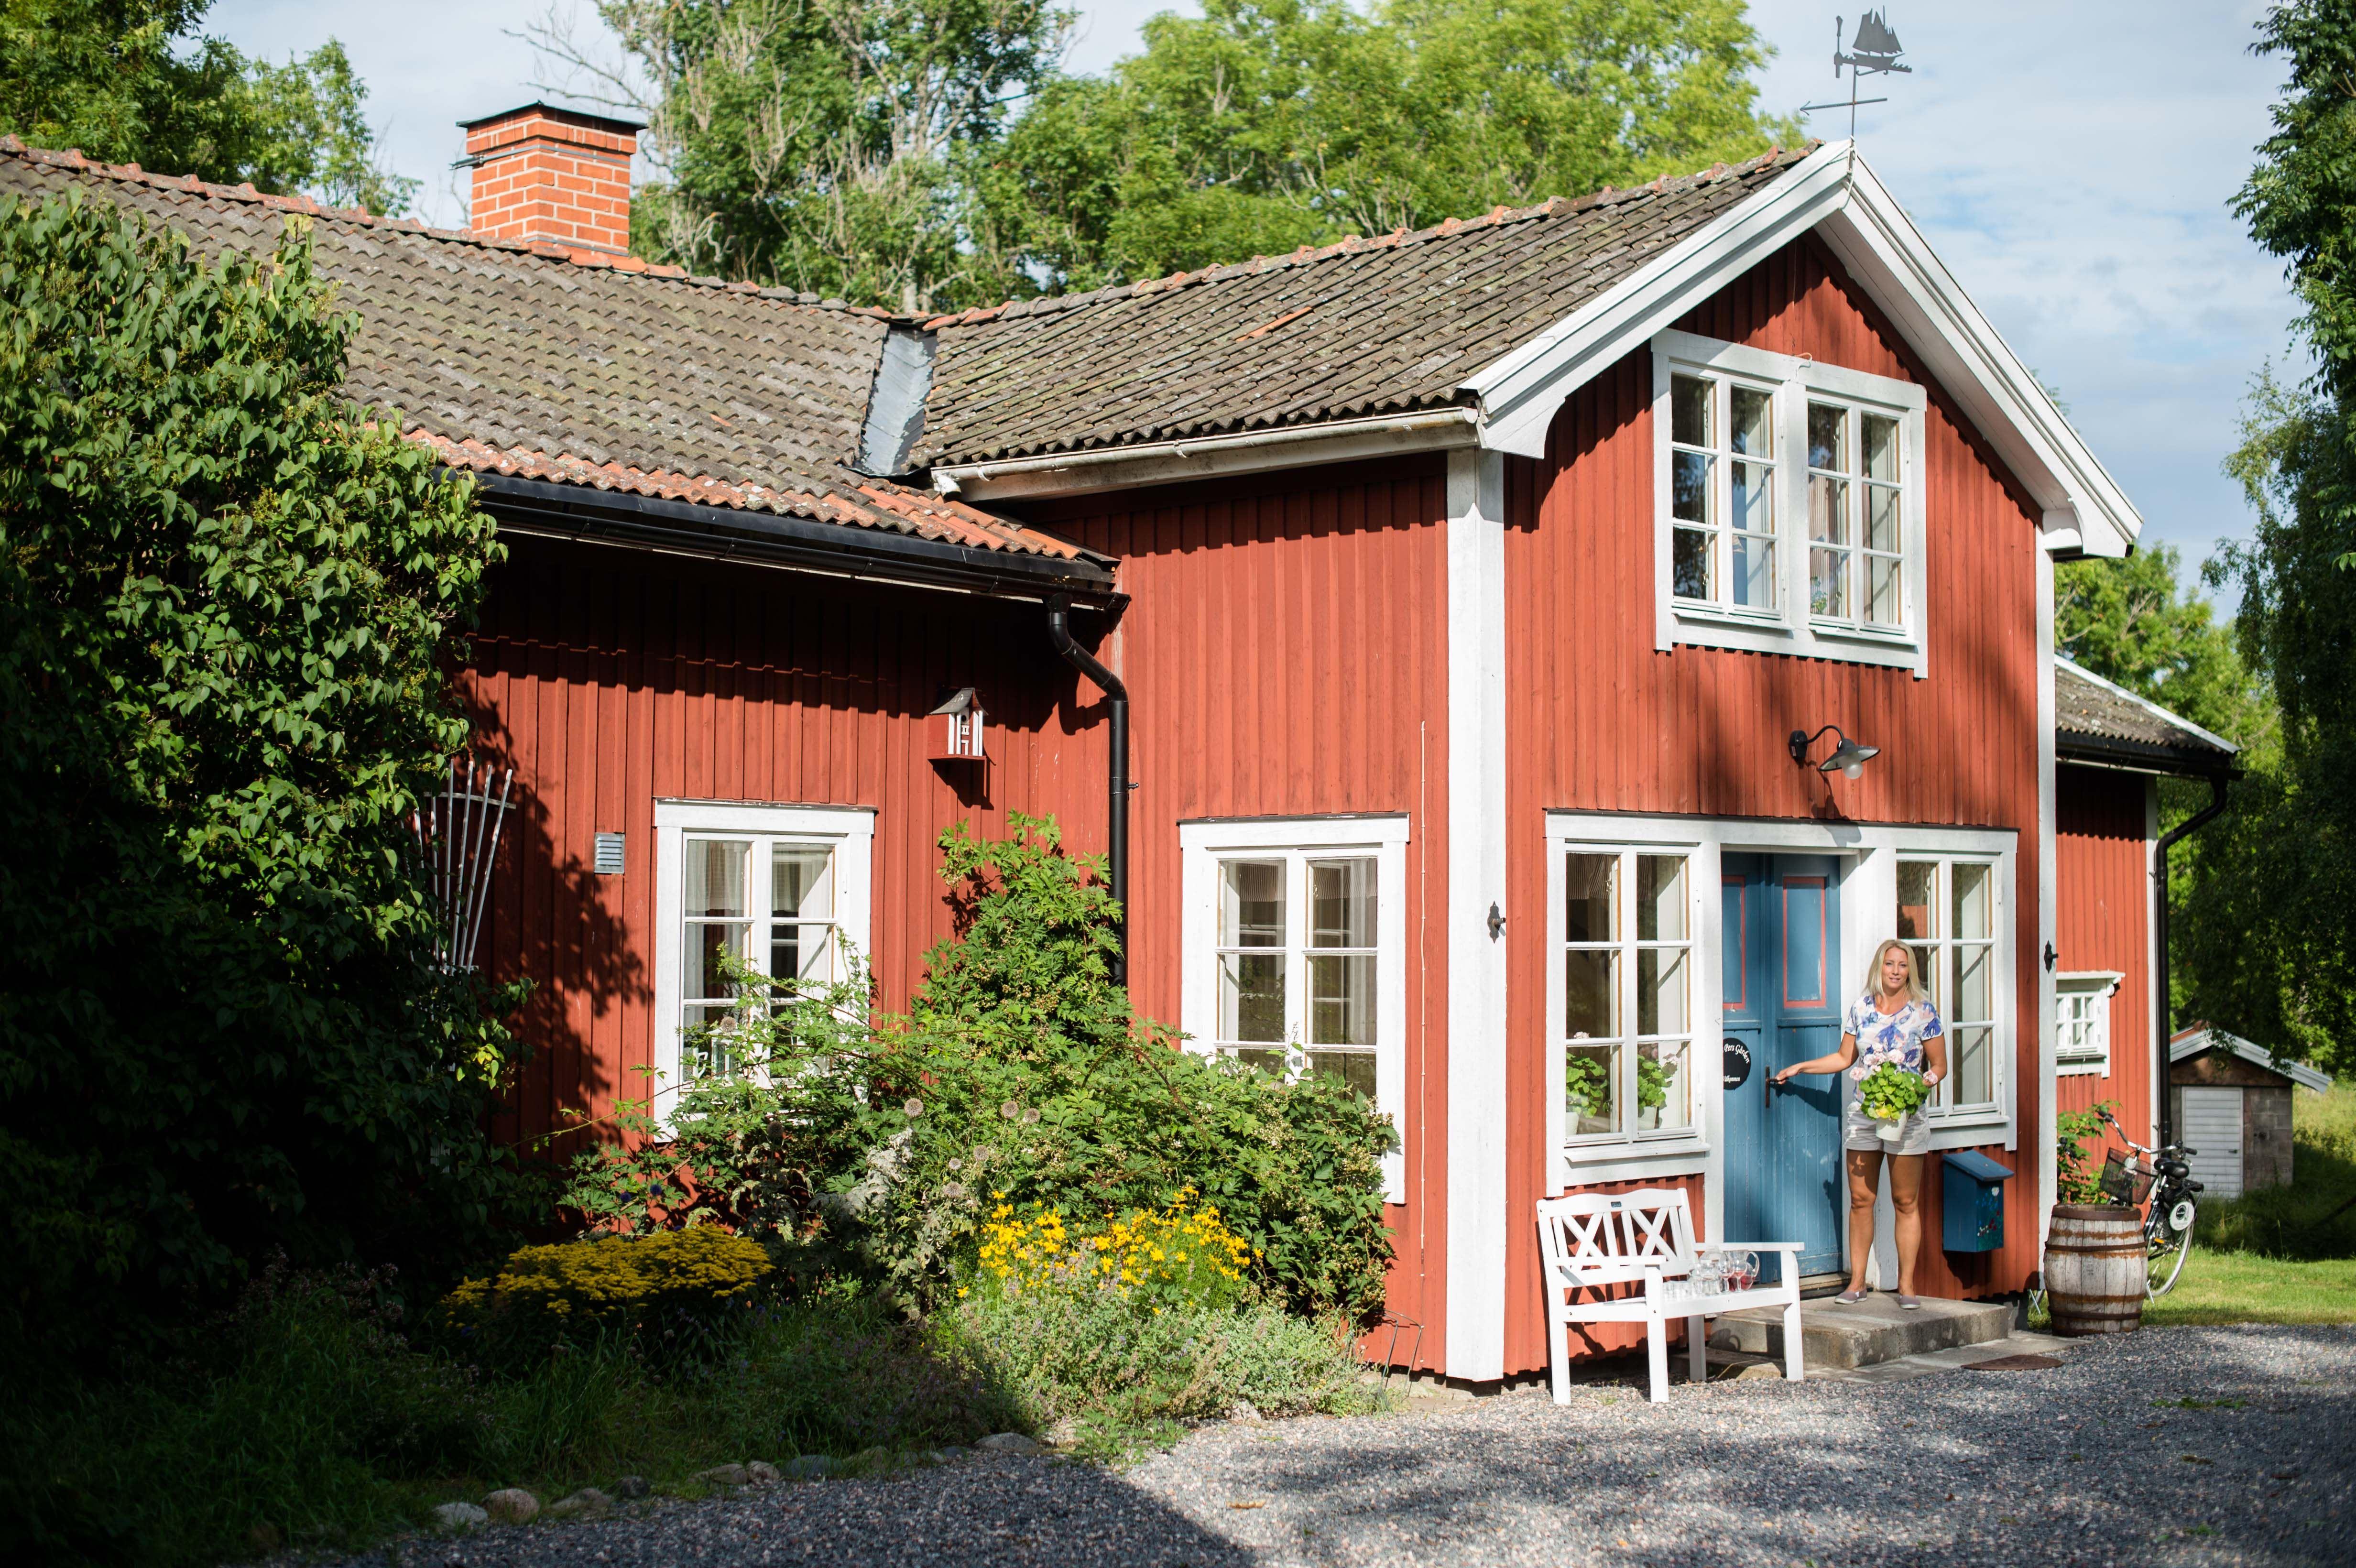 Mats Persgården Grisslehamn